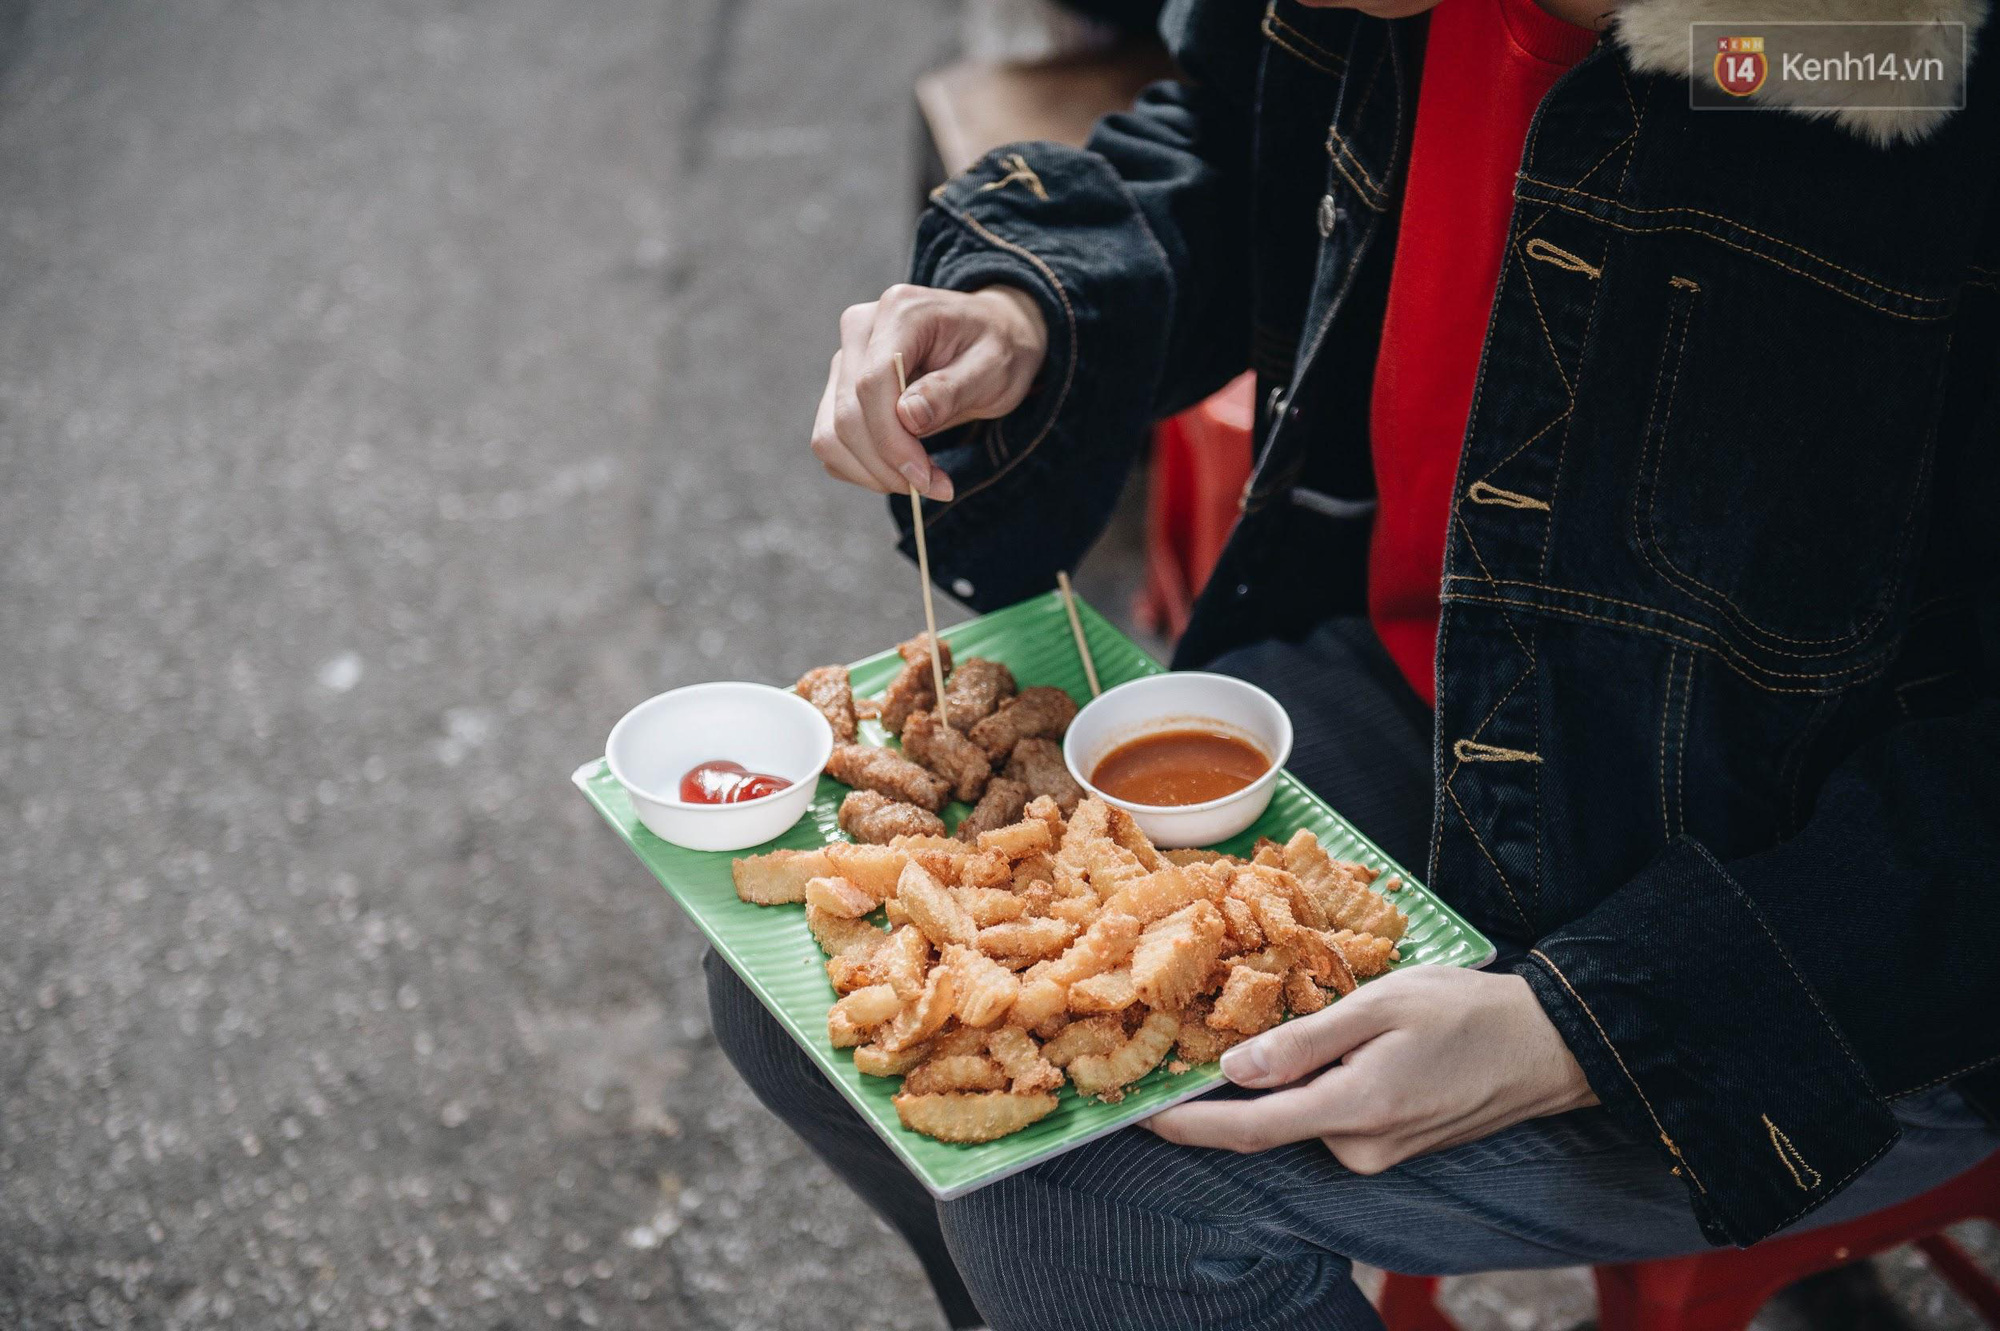 Food tour phố cổ Hà Nội mùa đông: Top những món ăn vặt trời càng lạnh, ăn càng ngon! - Ảnh 5.